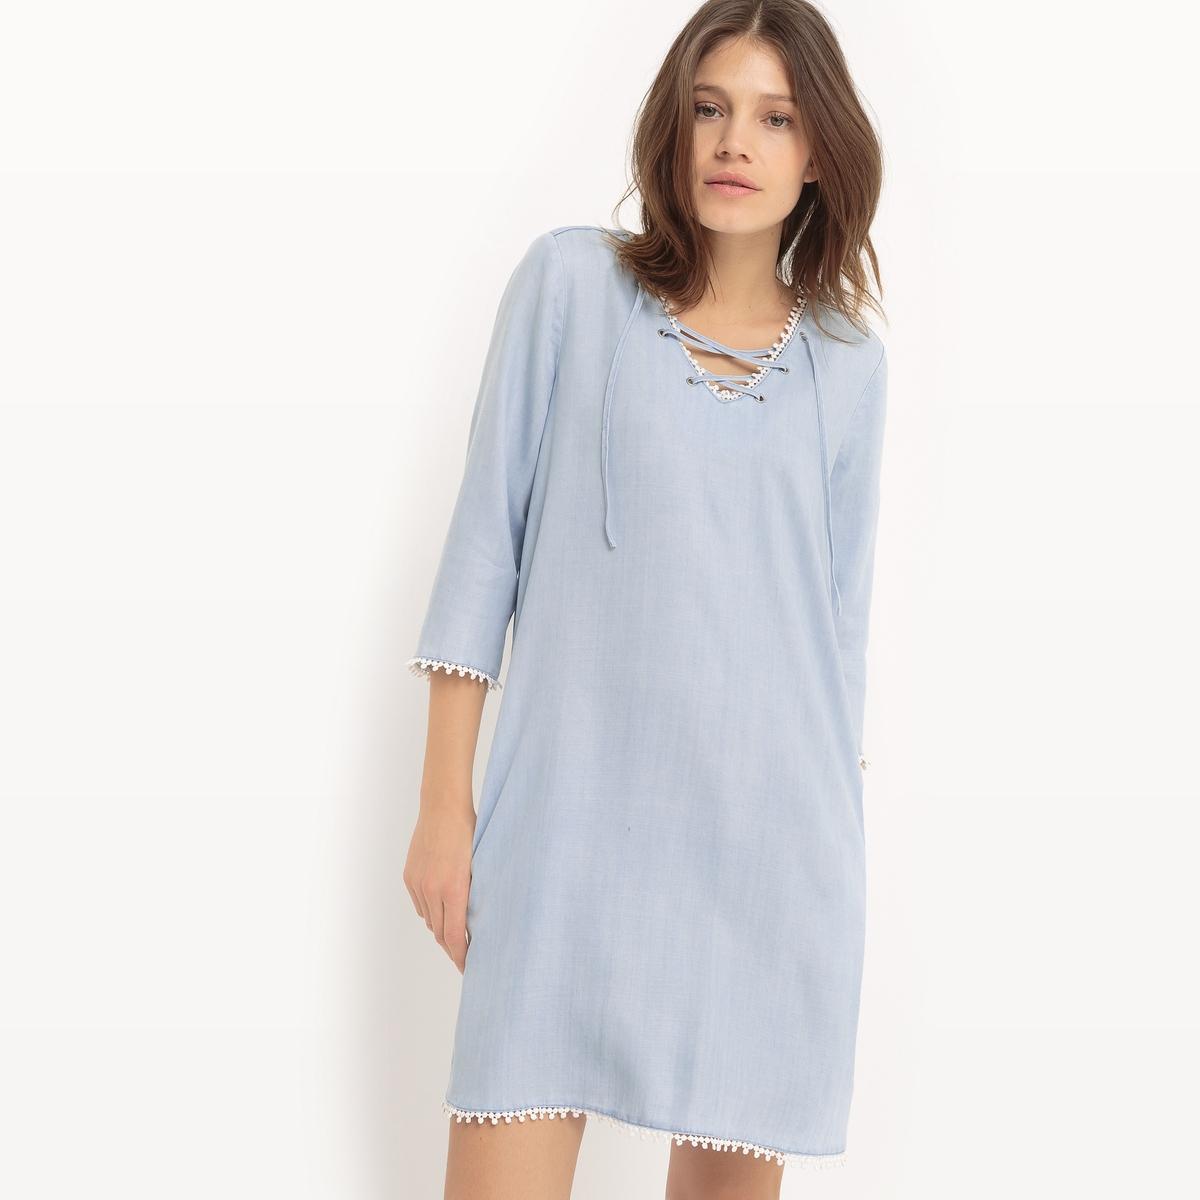 Платье расклешенное из денимаМатериал : 100% лиоцелл   Длина рукава : рукава 3/4   Форма воротника : V-образный вырез  Покрой платья : платье прямого покроя     Рисунок : однотонная модель Длина платья : короткое<br><br>Цвет: голубой